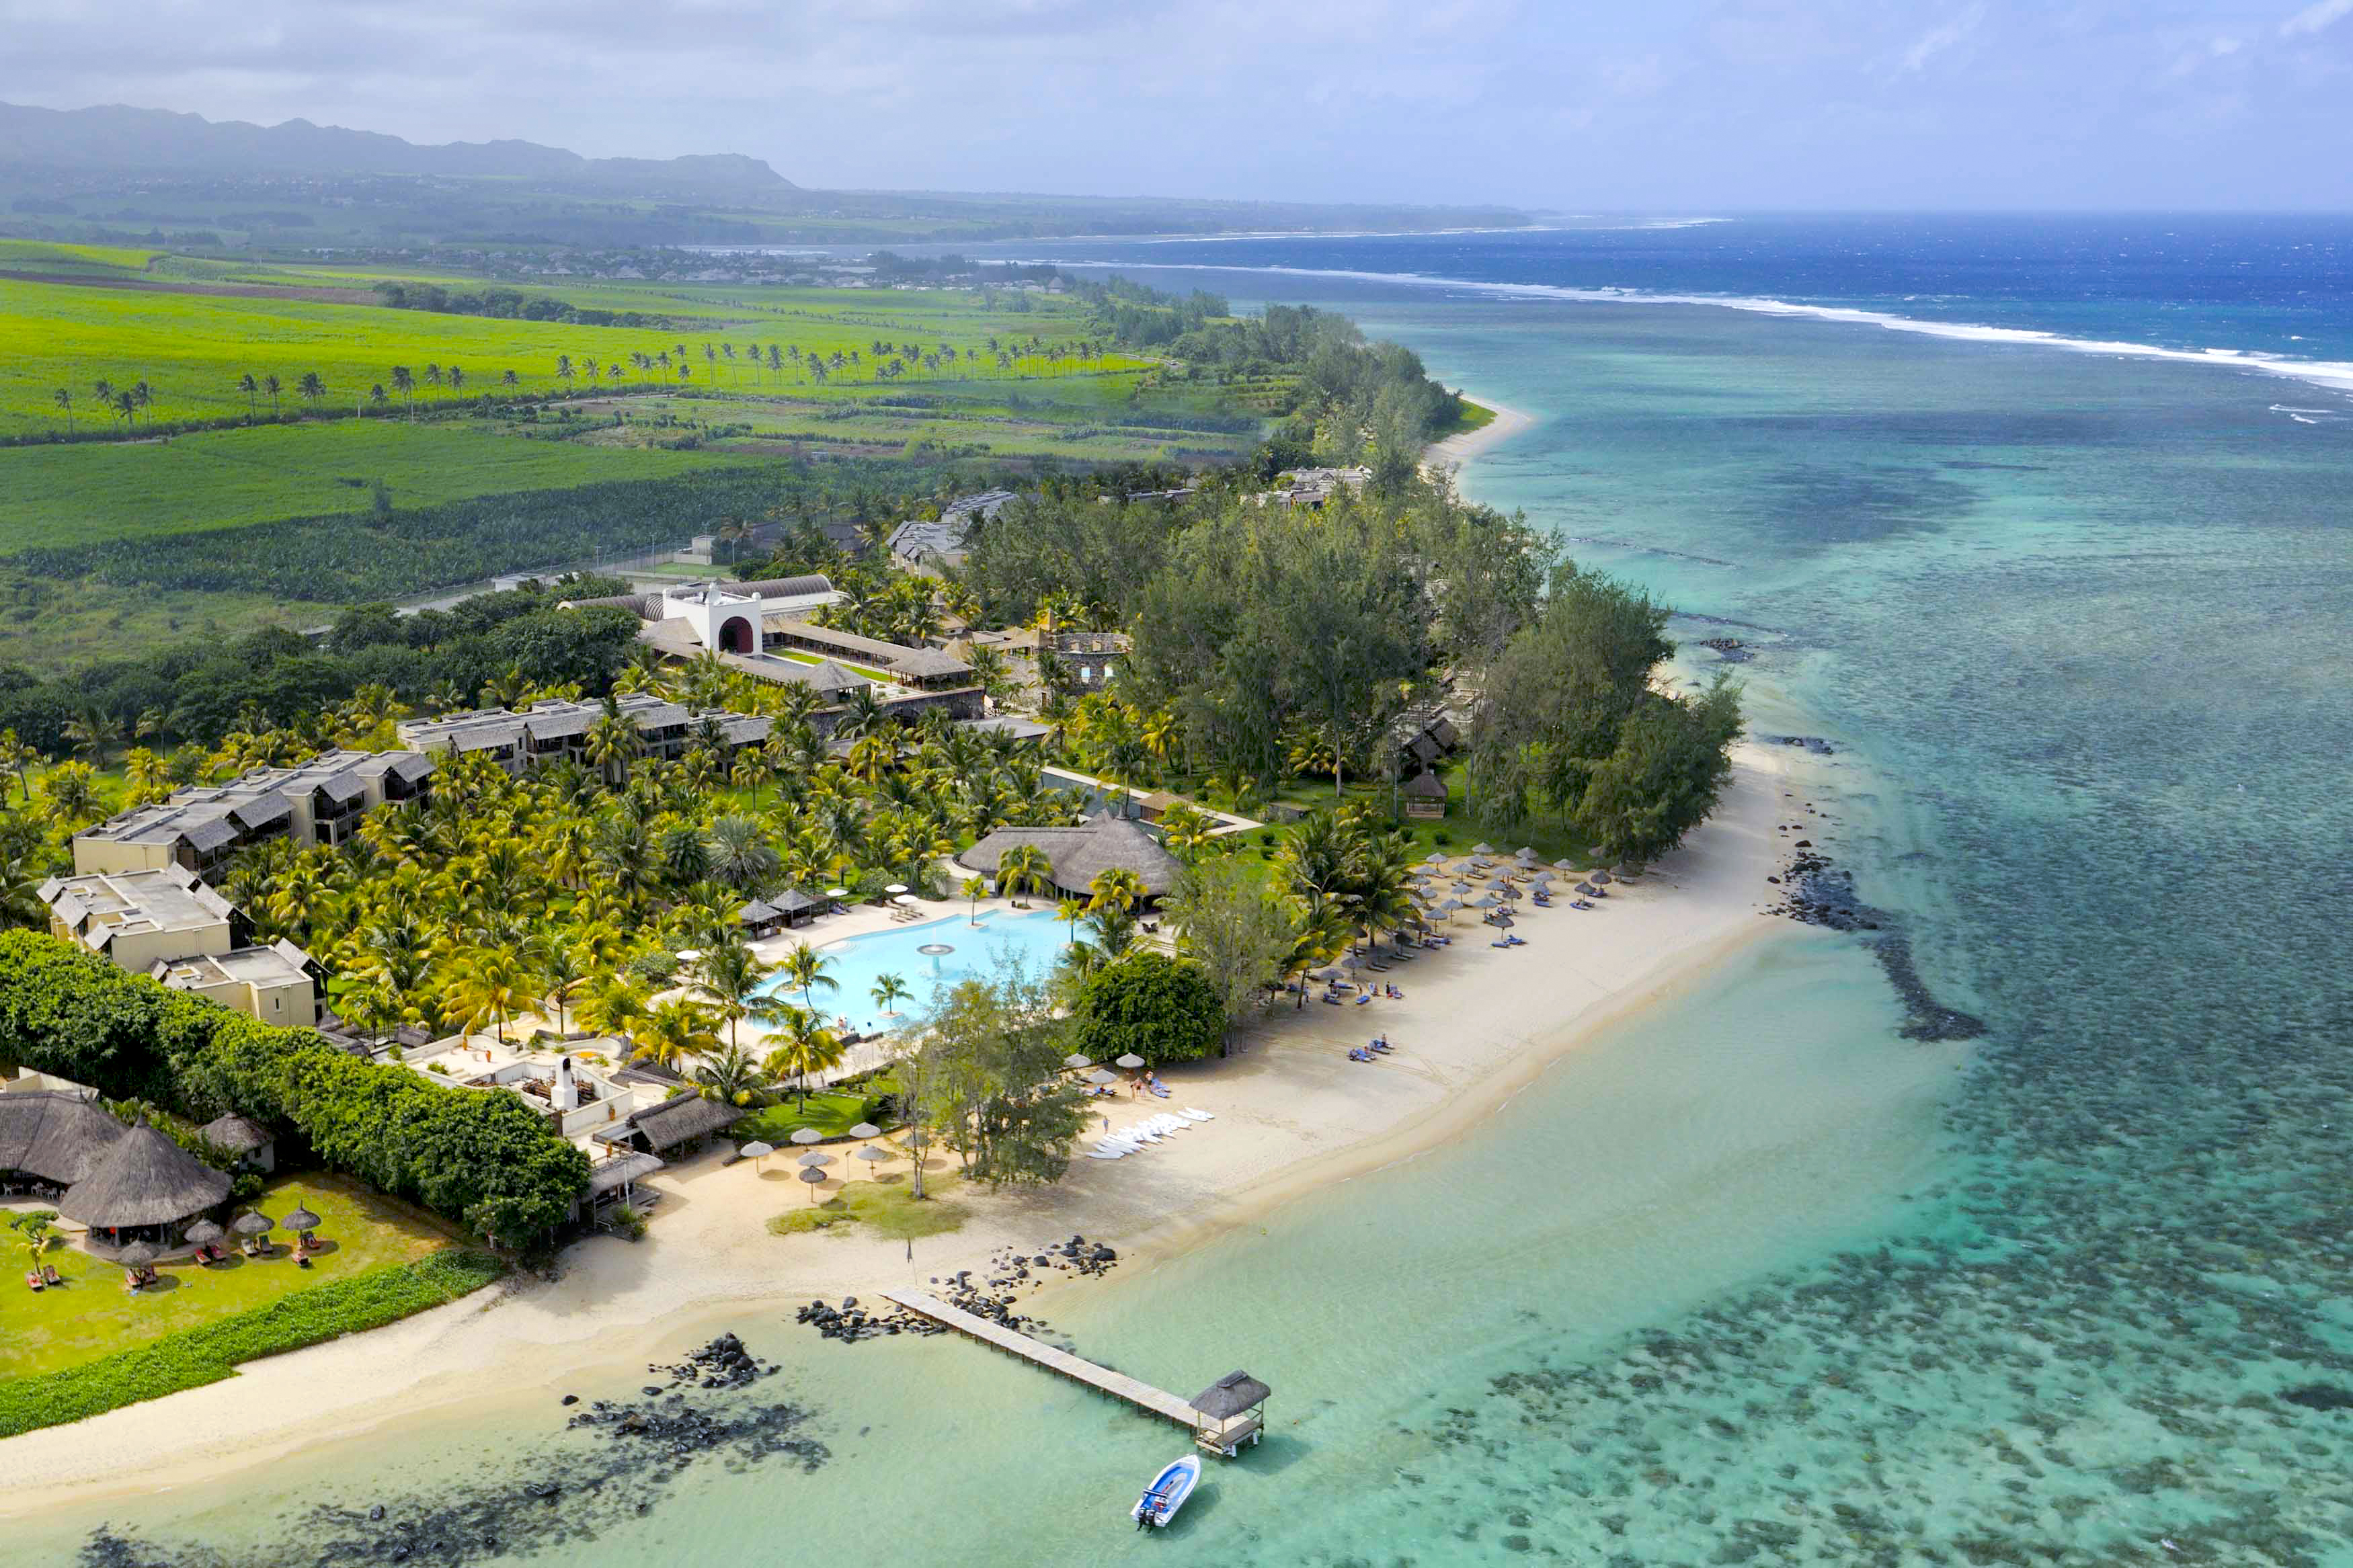 Au Spa s'ajoutent de grandes salles de relaxation, un solarium privé et une piscine isolée avec vue sur le lagon et les collines qui jouxtent l'hôtel - DR : Outrigger Hotels and Resorts